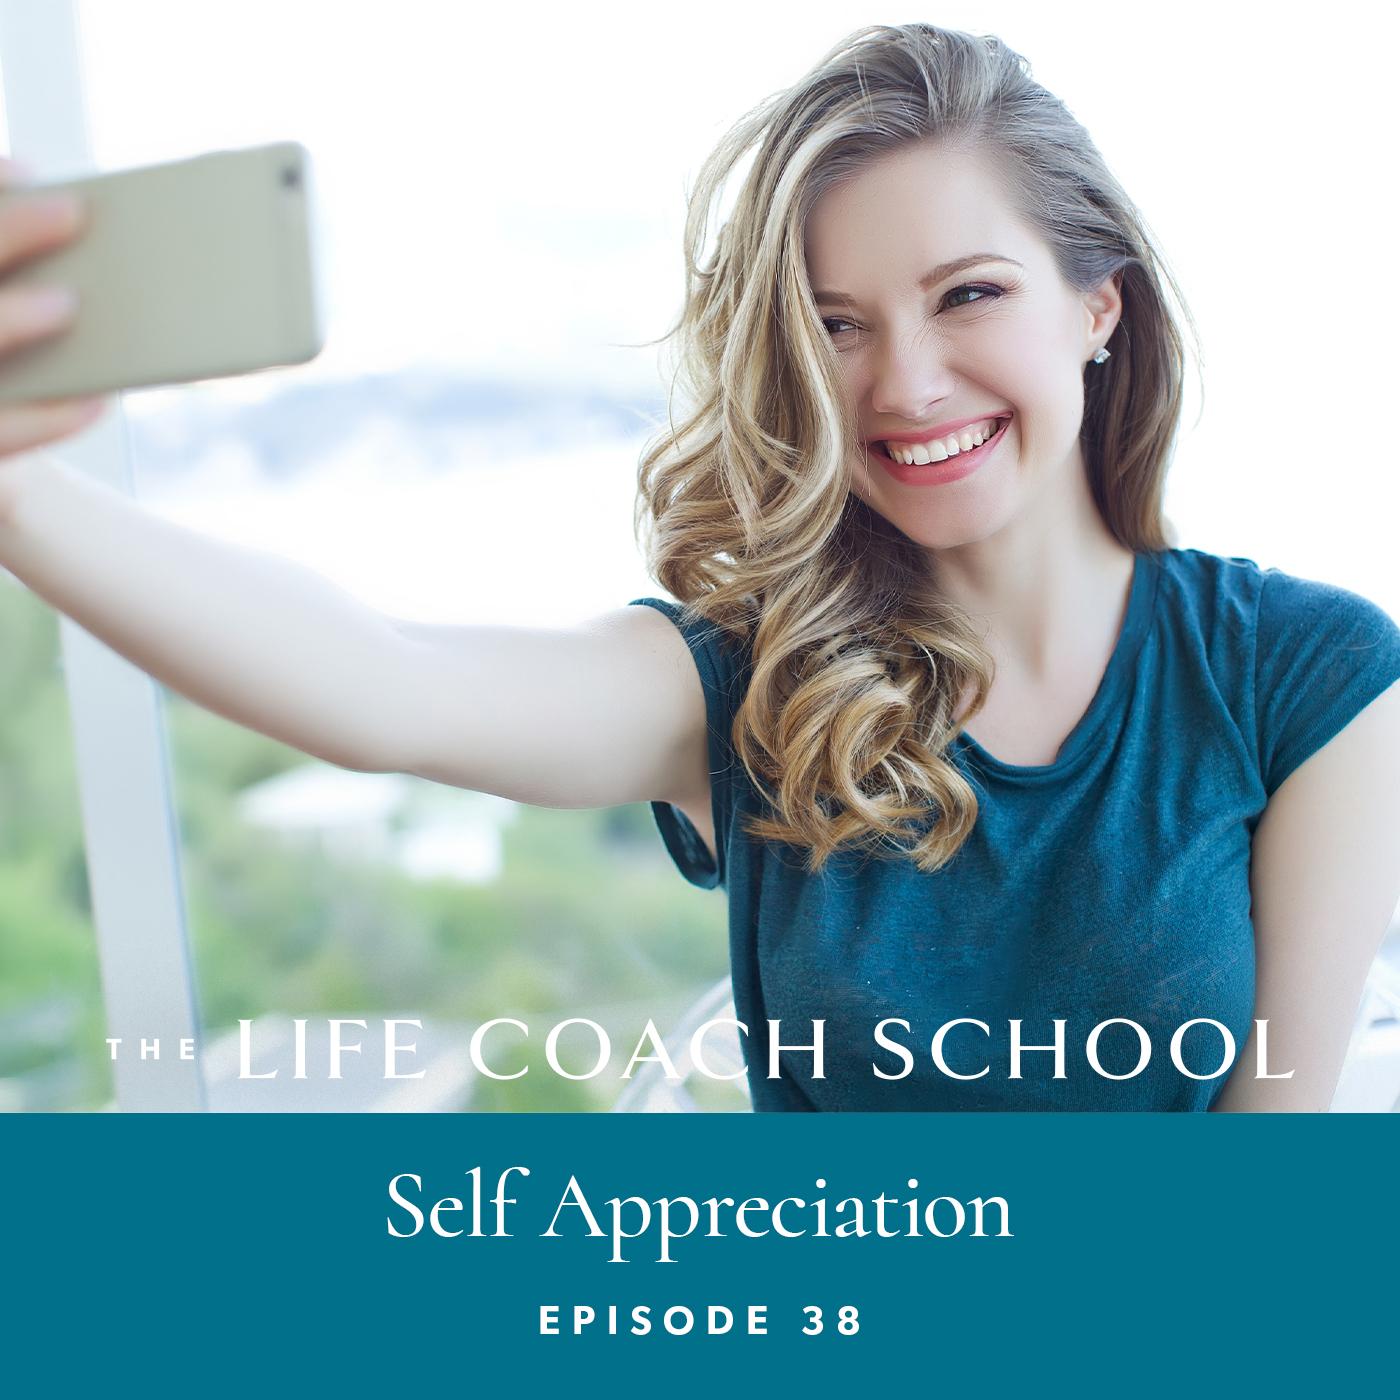 The Life Coach School Podcast with Brooke Castillo | Episode 38 | Self Appreciation